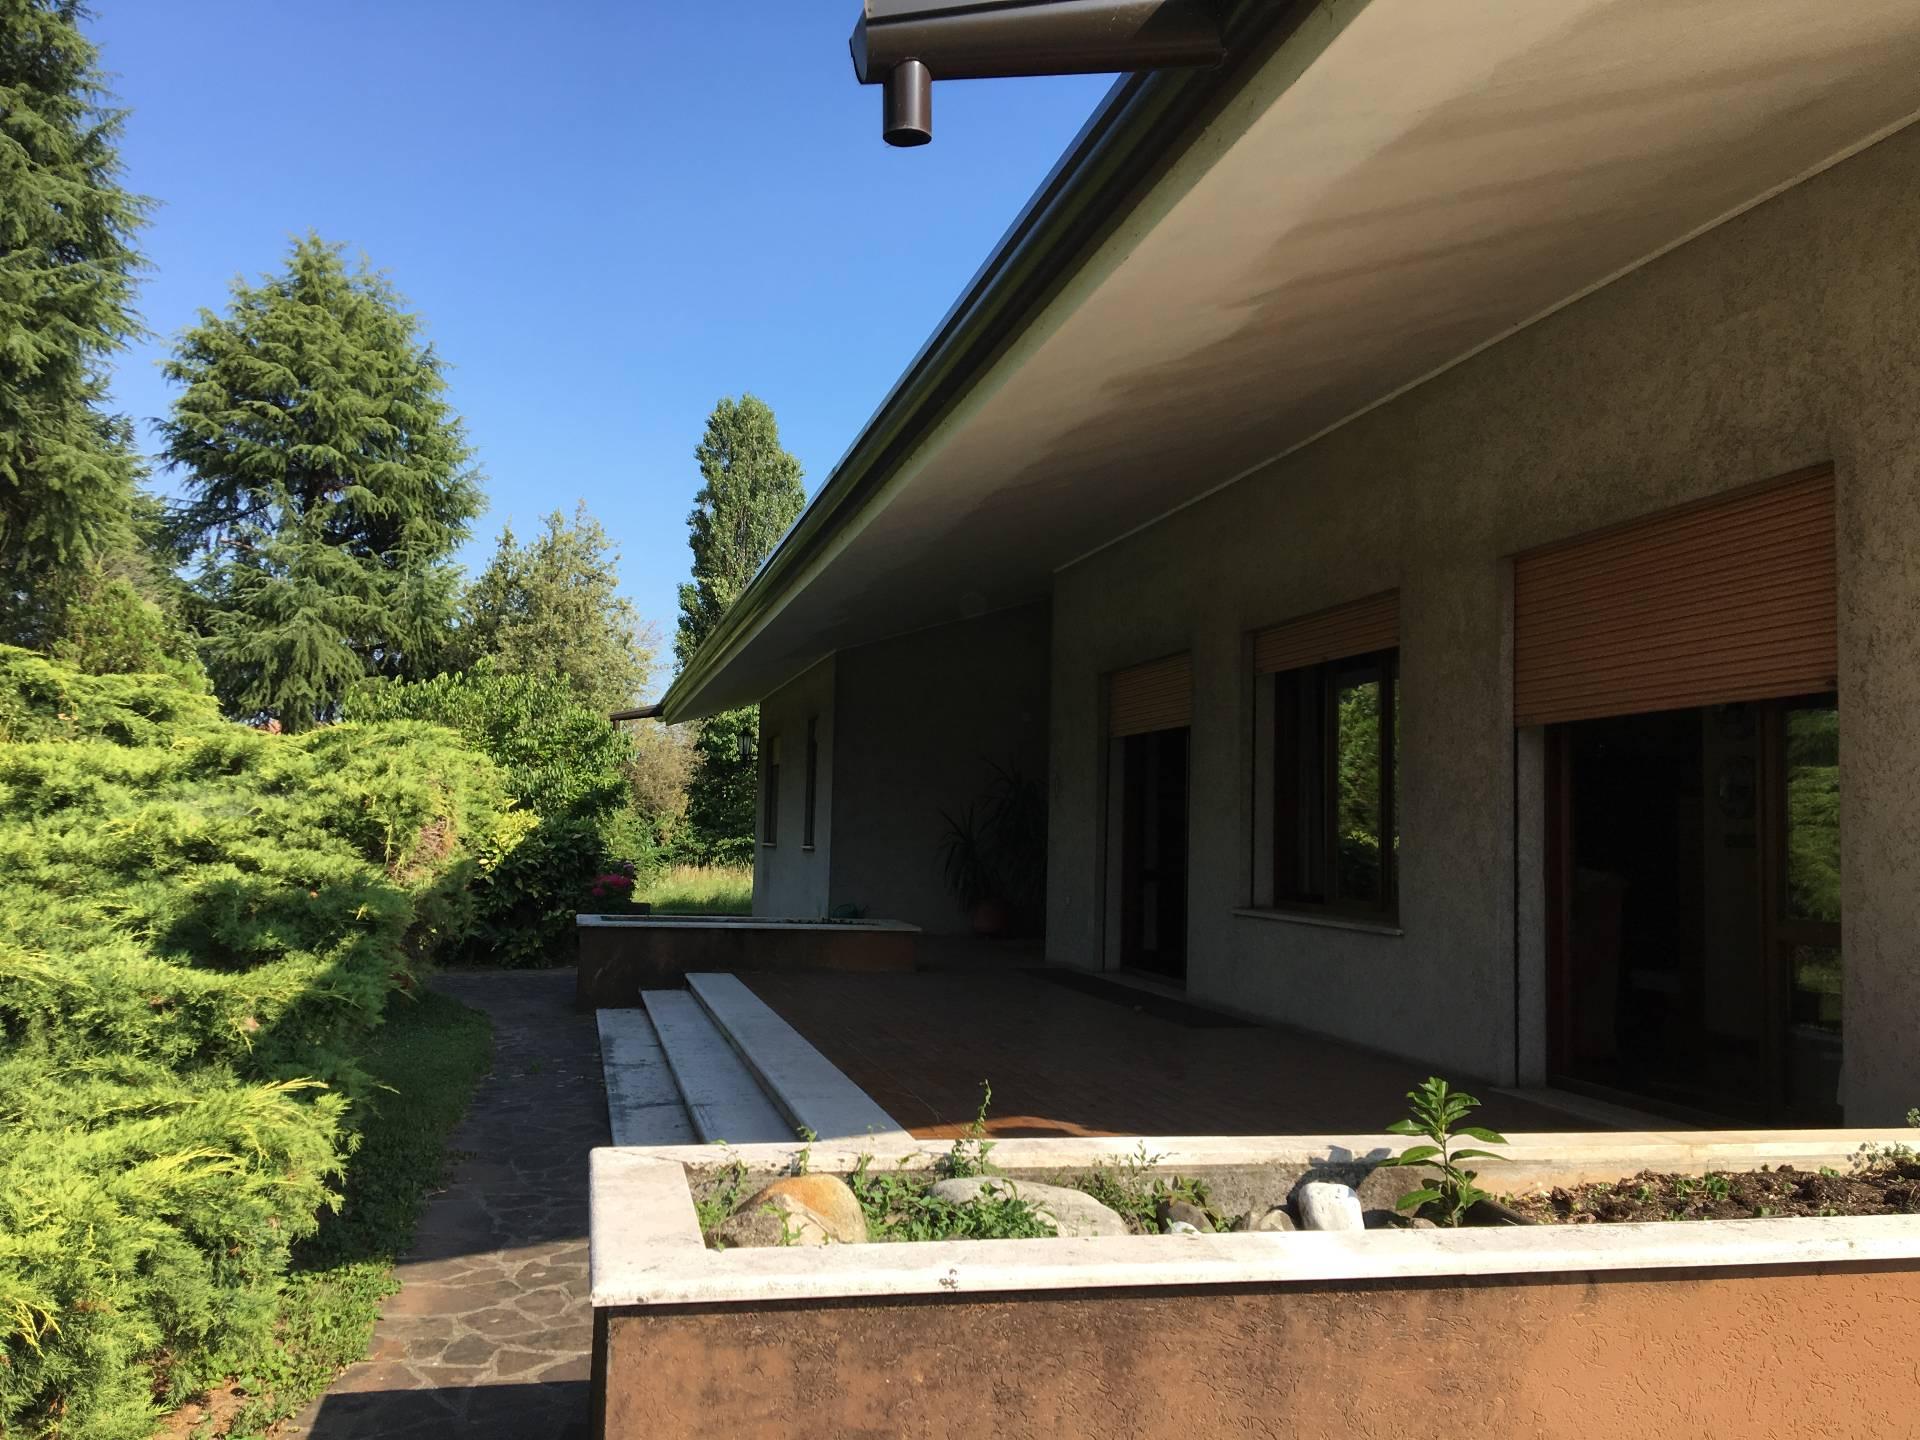 Soluzione Indipendente in vendita a Ponzano Veneto, 15 locali, zona Zona: Merlengo, prezzo € 357.000 | CambioCasa.it